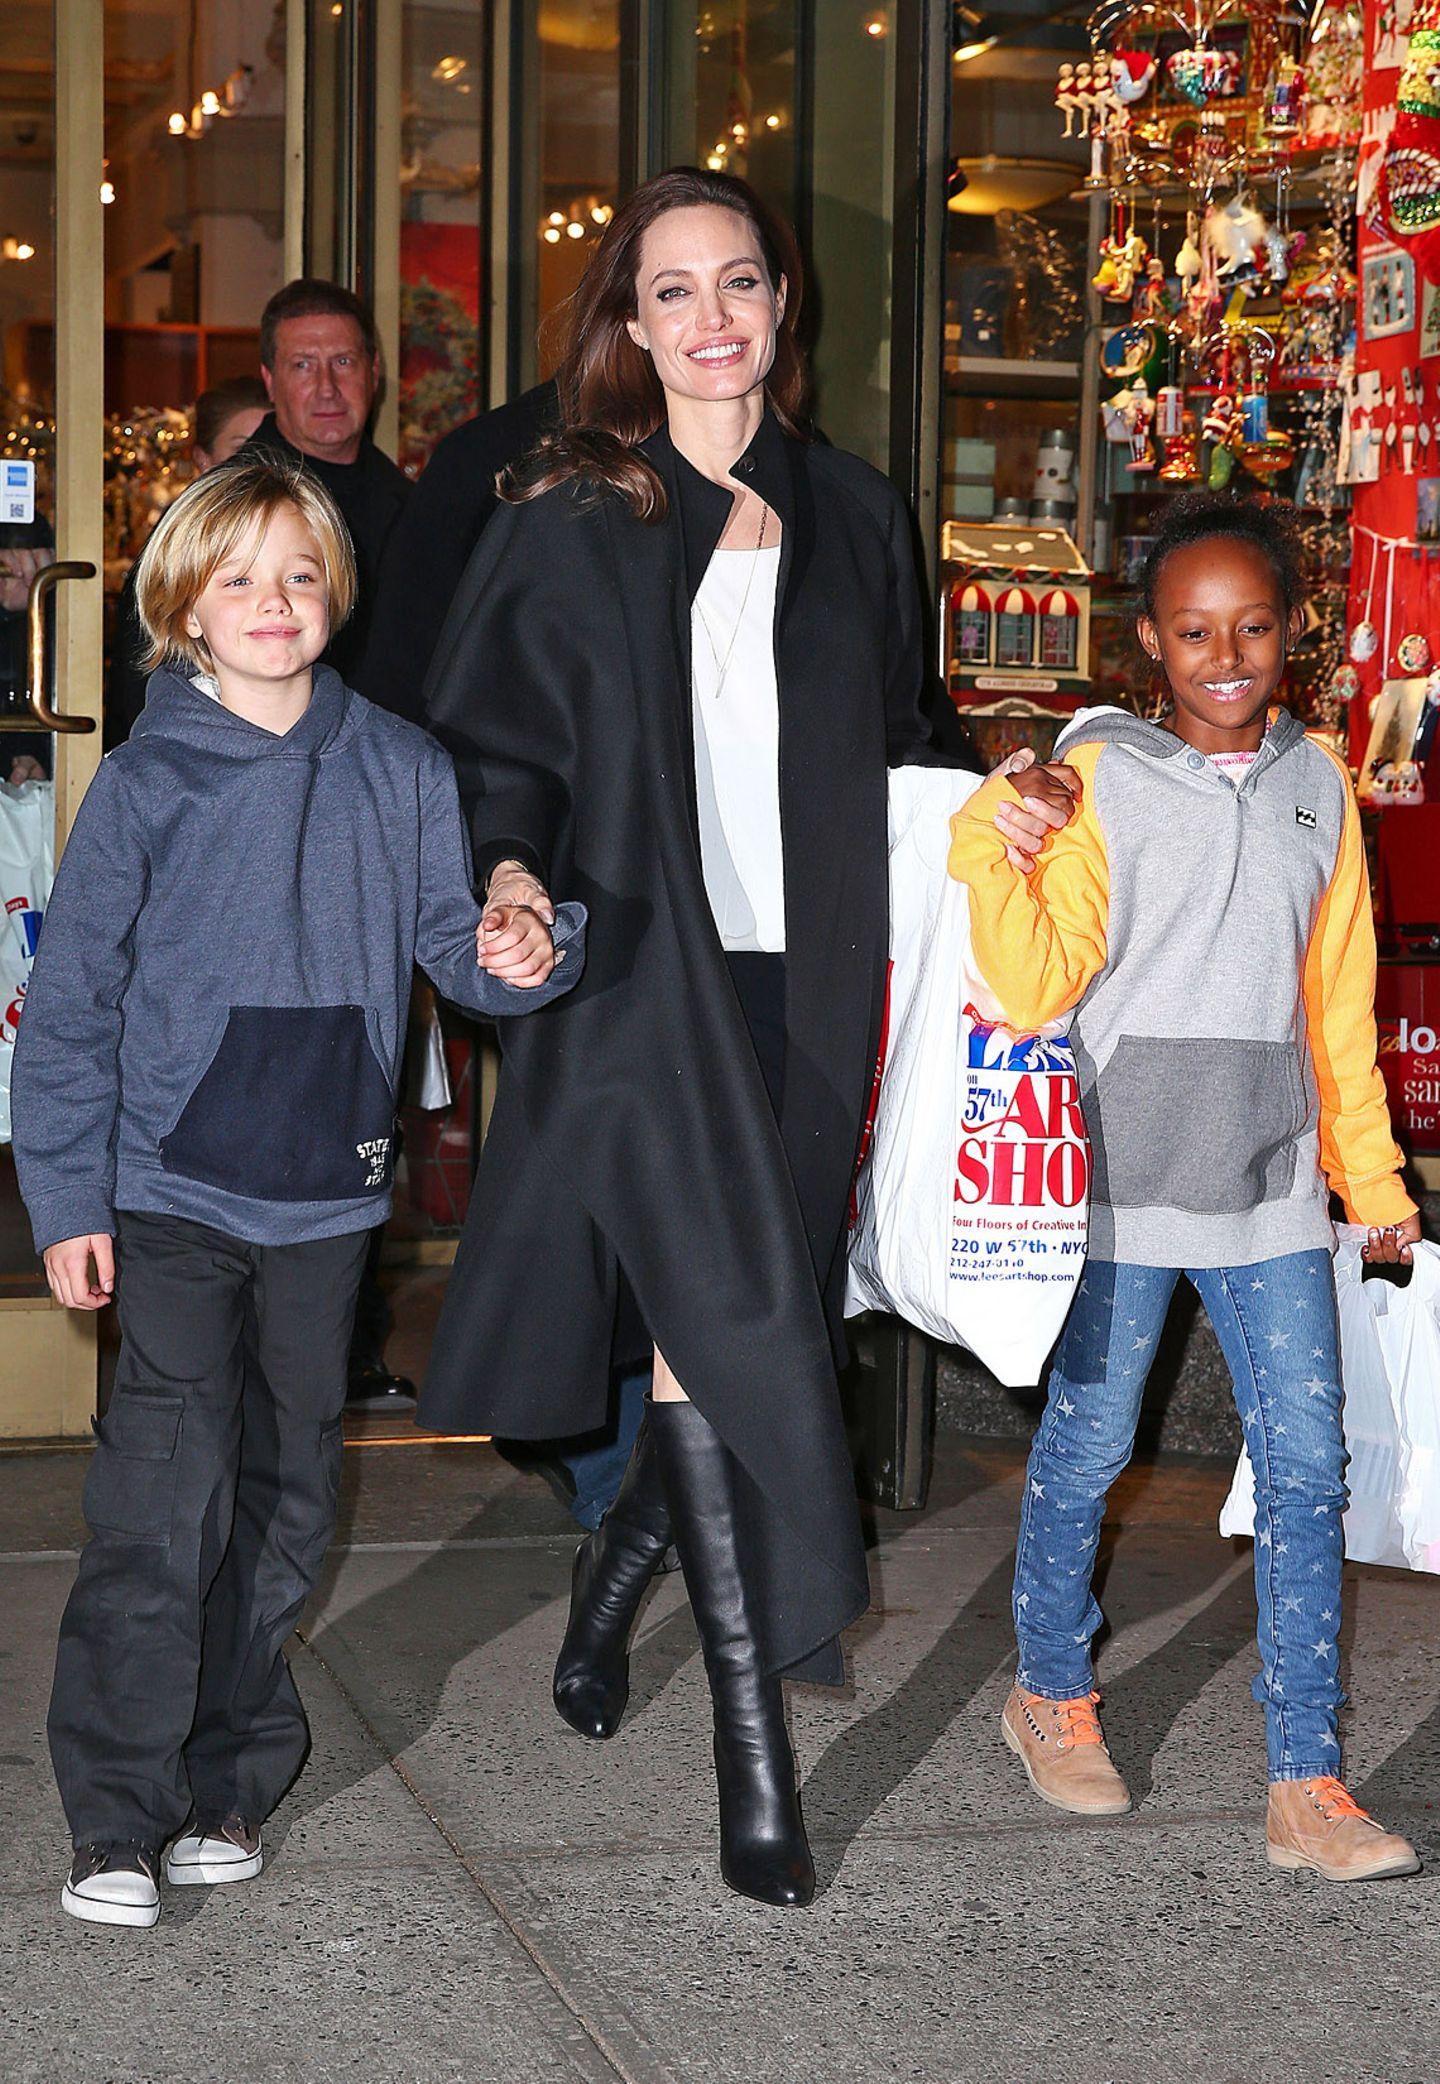 In der Familie Jolie-Pitt hat jeder sein eigenen Style: Angelina Jolie liebt edle Outfits in Schwarz-Weiß, Shiloh (l.) trägt am liebsten Jungsklamotten und Zahara mag's modemäßig bunt.